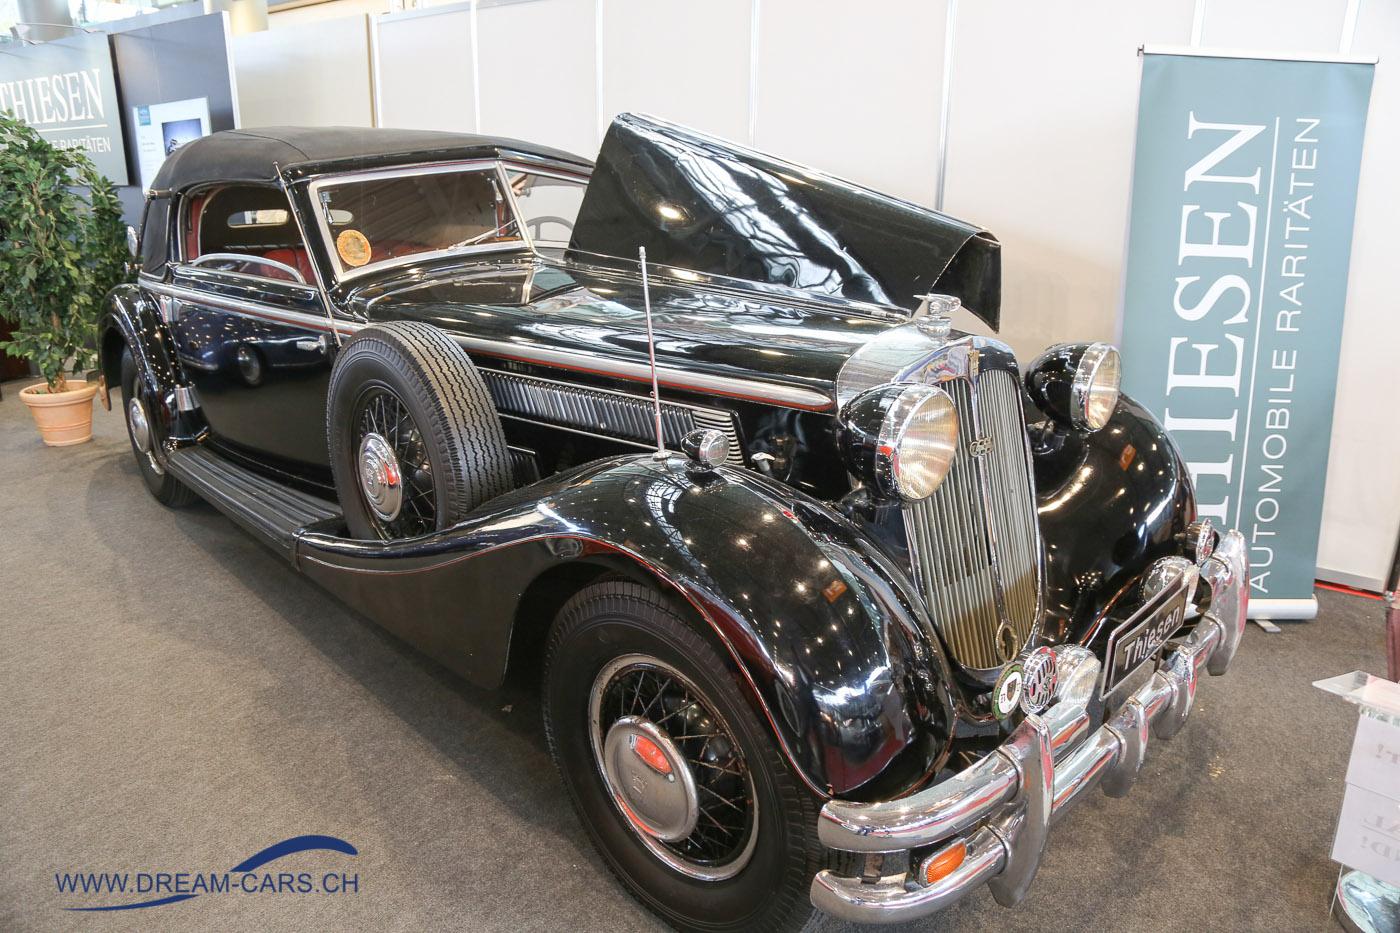 RETRO CLASSICS Stuttgart 2017. Ein Horch 853 Sport Cabriolet von 1938 aus Erstbesitz in unrestauriertem Originalzustand. Gemäss dem Anbieter Thiesen der originalste Horch weltweit. Der Wagen wurde niemals restauriert und es dürfte sich hier um einen der unberührtesten Horch 853 handeln, der noch mit seinem phantastisch erhaltenen 80 Jahre alten Originalleder ausgestattet ist